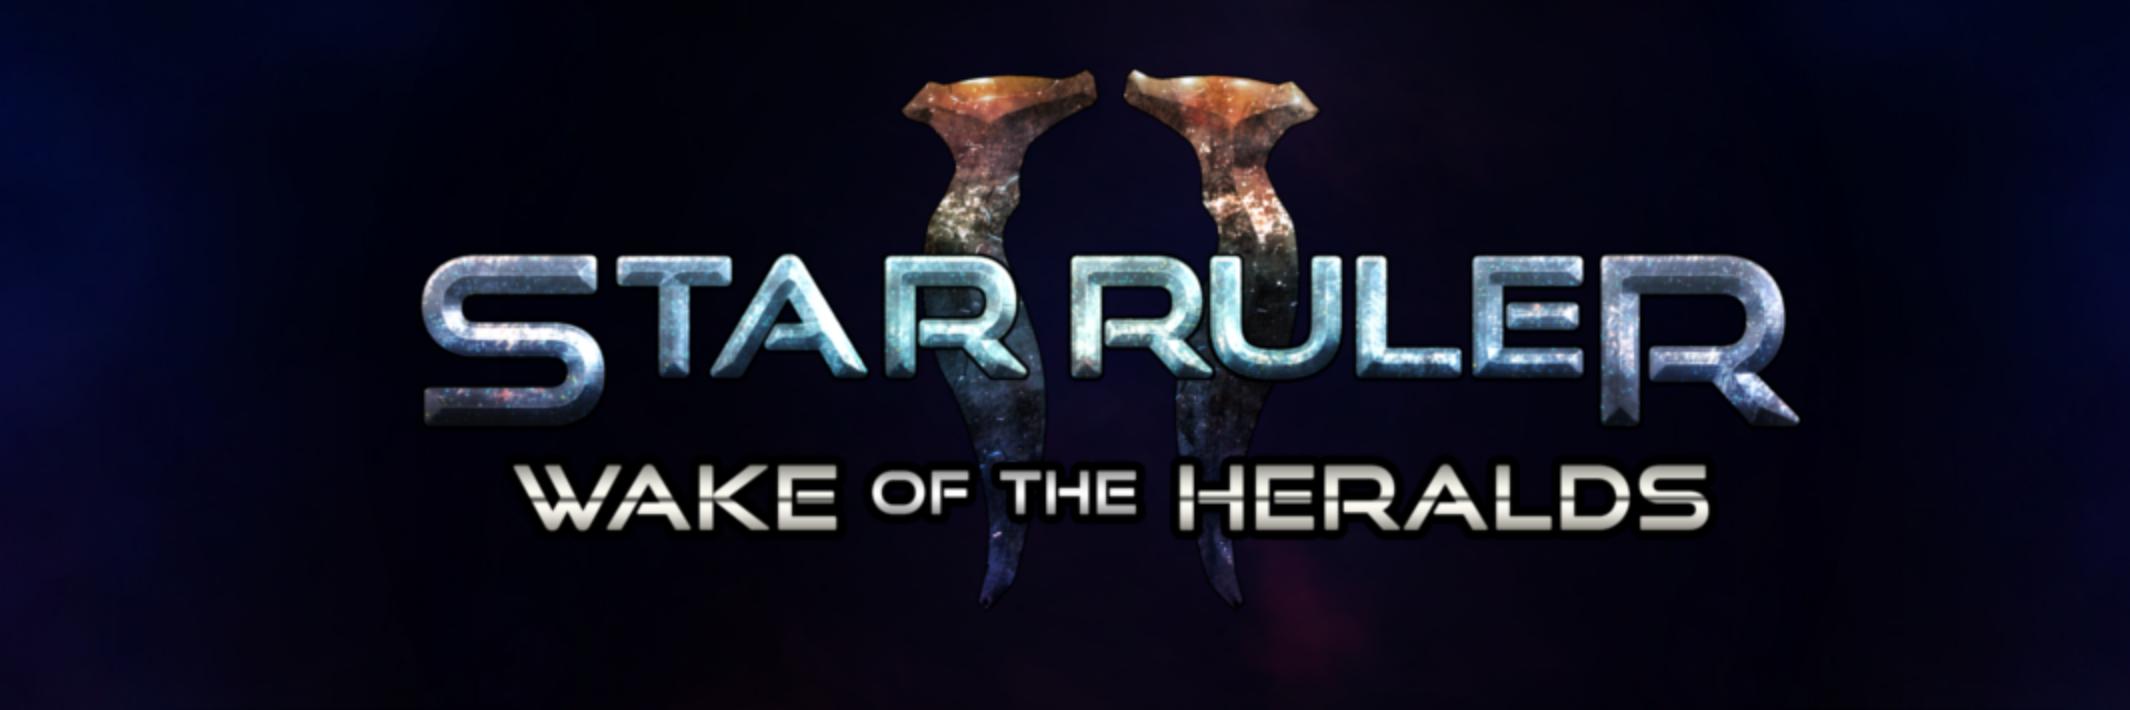 Star Ruler 2 banner